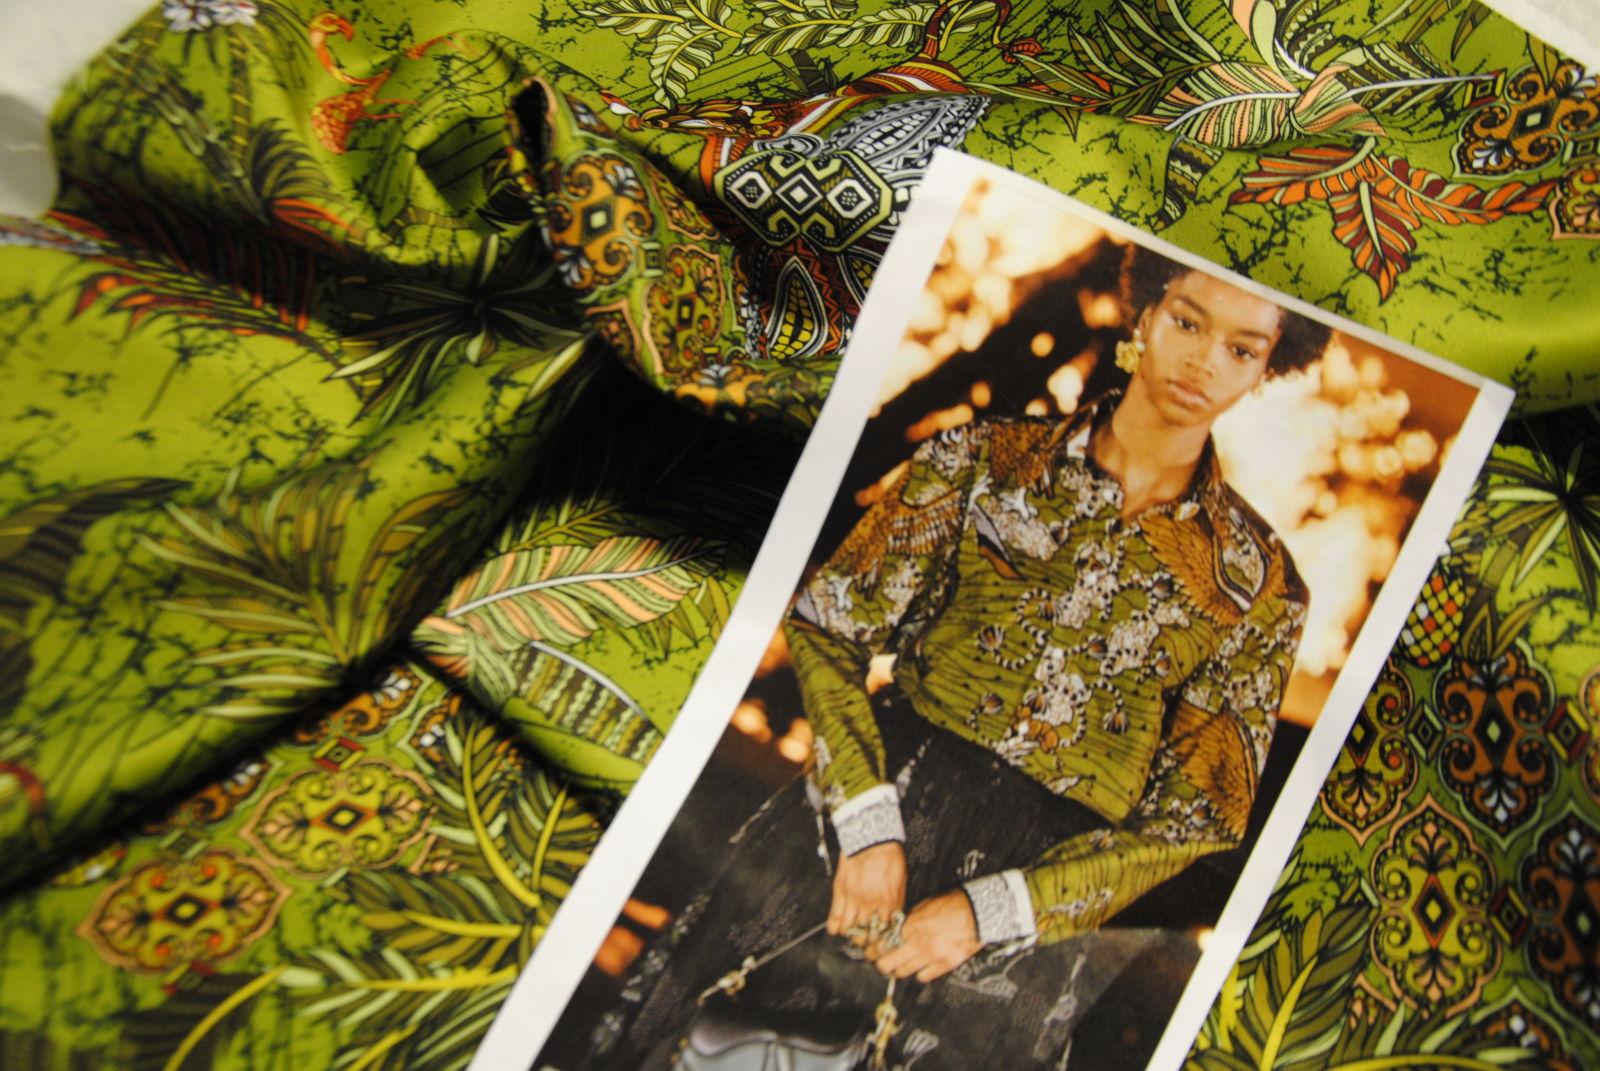 DSC 0983 Duchesse Jungle